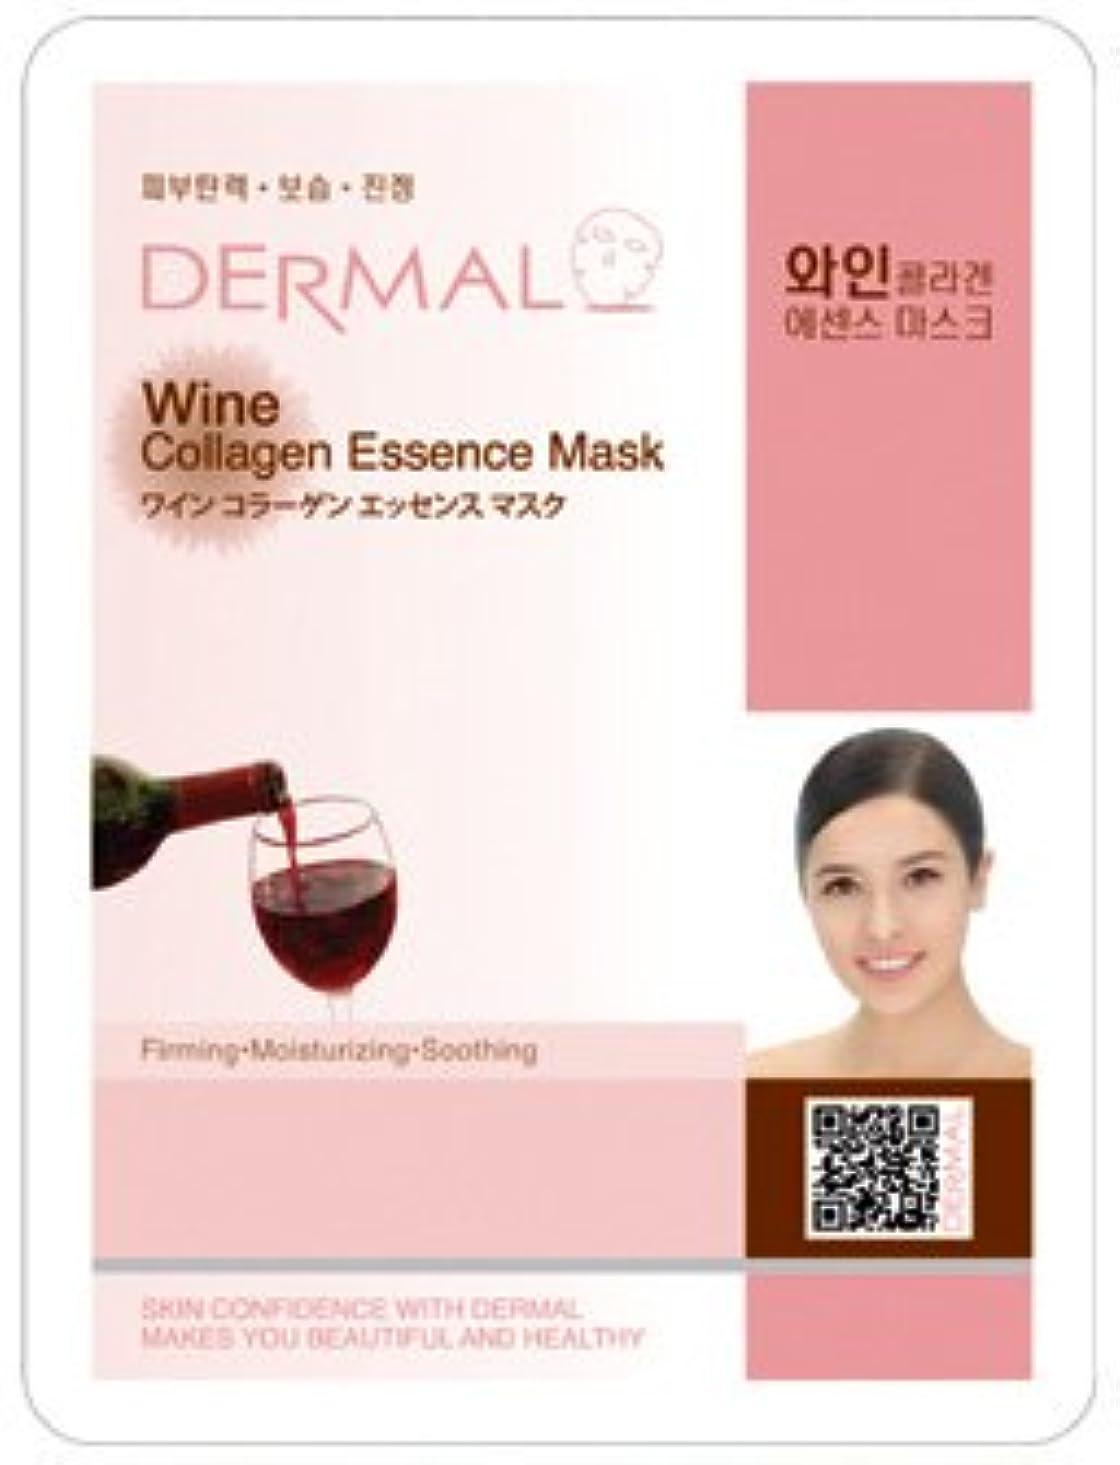 従来の活性化する空いているシート マスク ワイン ダーマル Dermal 23g (10枚セット) フェイス パック